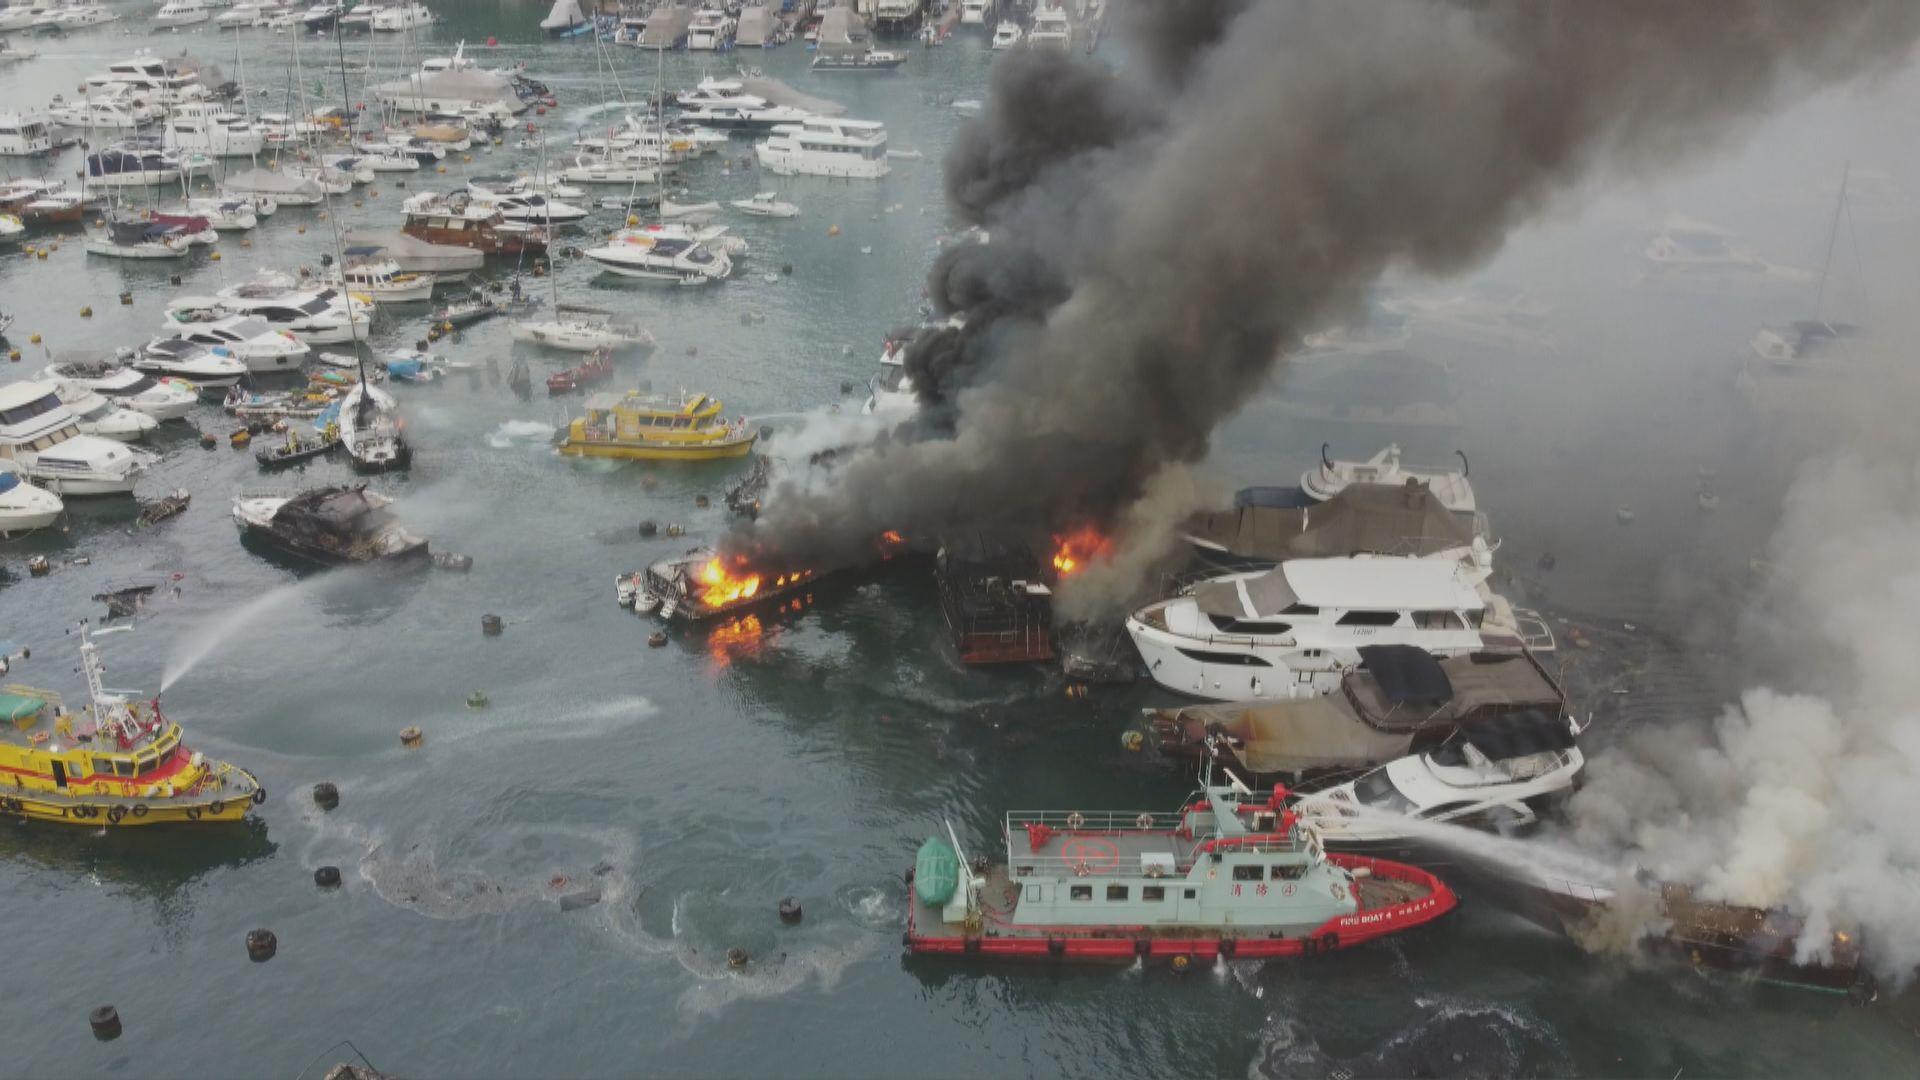 香港仔南避風塘三級船火 消防派七艘滅火輪灌救